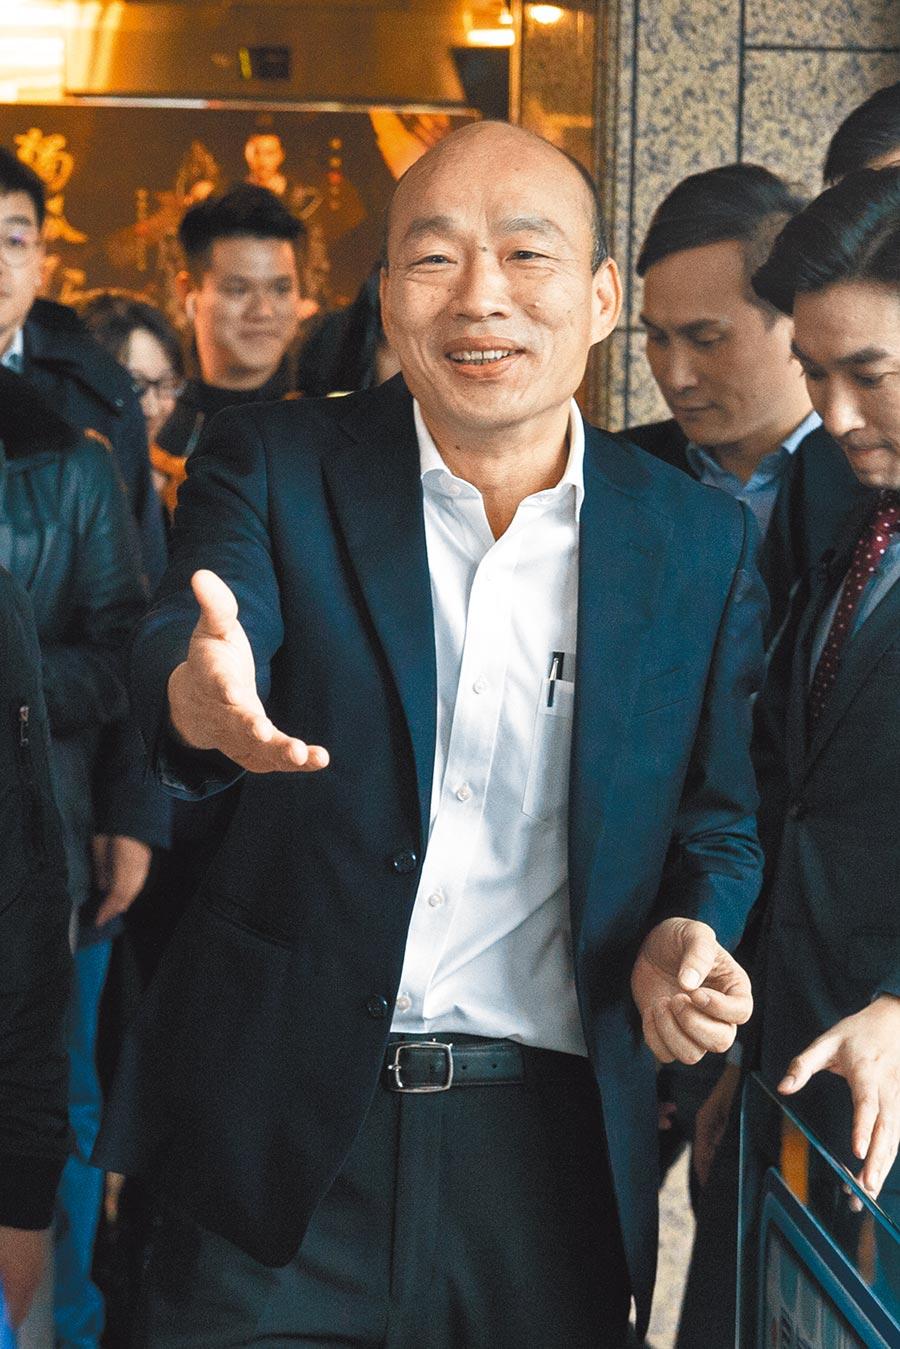 韓國瑜陣營的教育政策之一就是「投資青年、放眼國際」,要讓下一代具備國際移動能力,有足夠條件跟其他國家一爭高下。(杜宜諳攝)